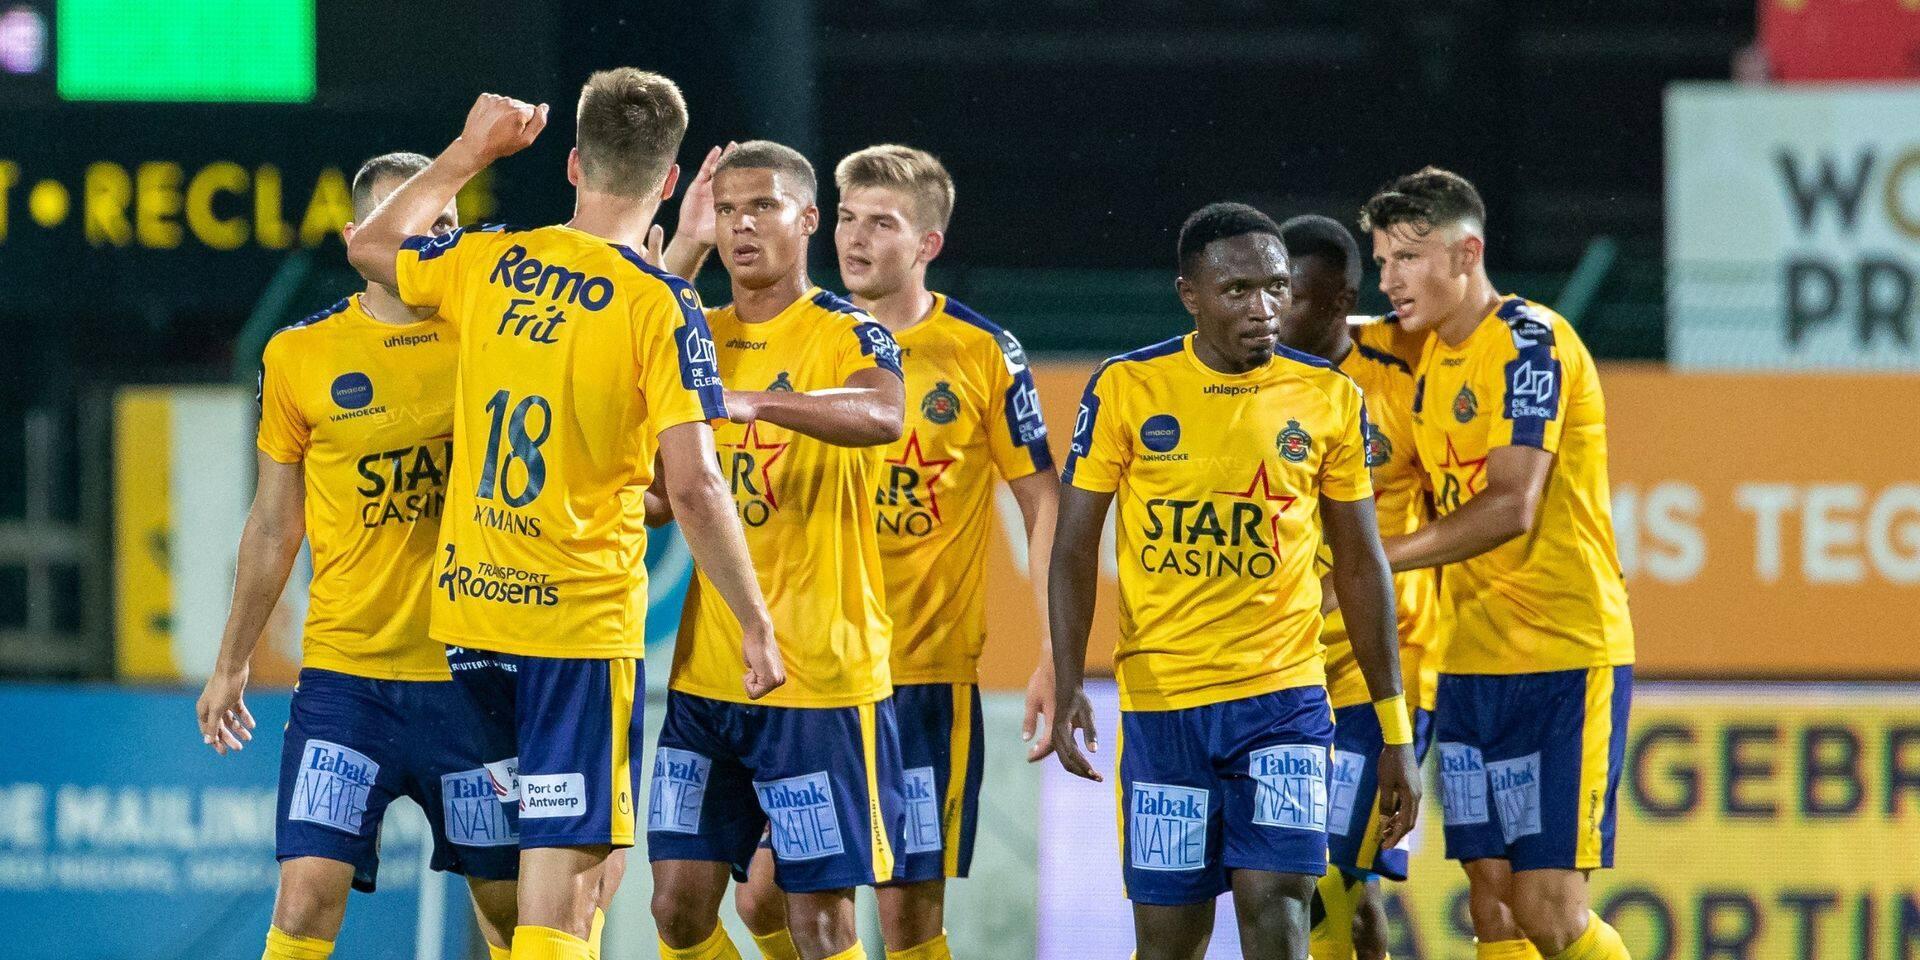 Waasland-Beveren leader après la 1ère journée de Pro League!